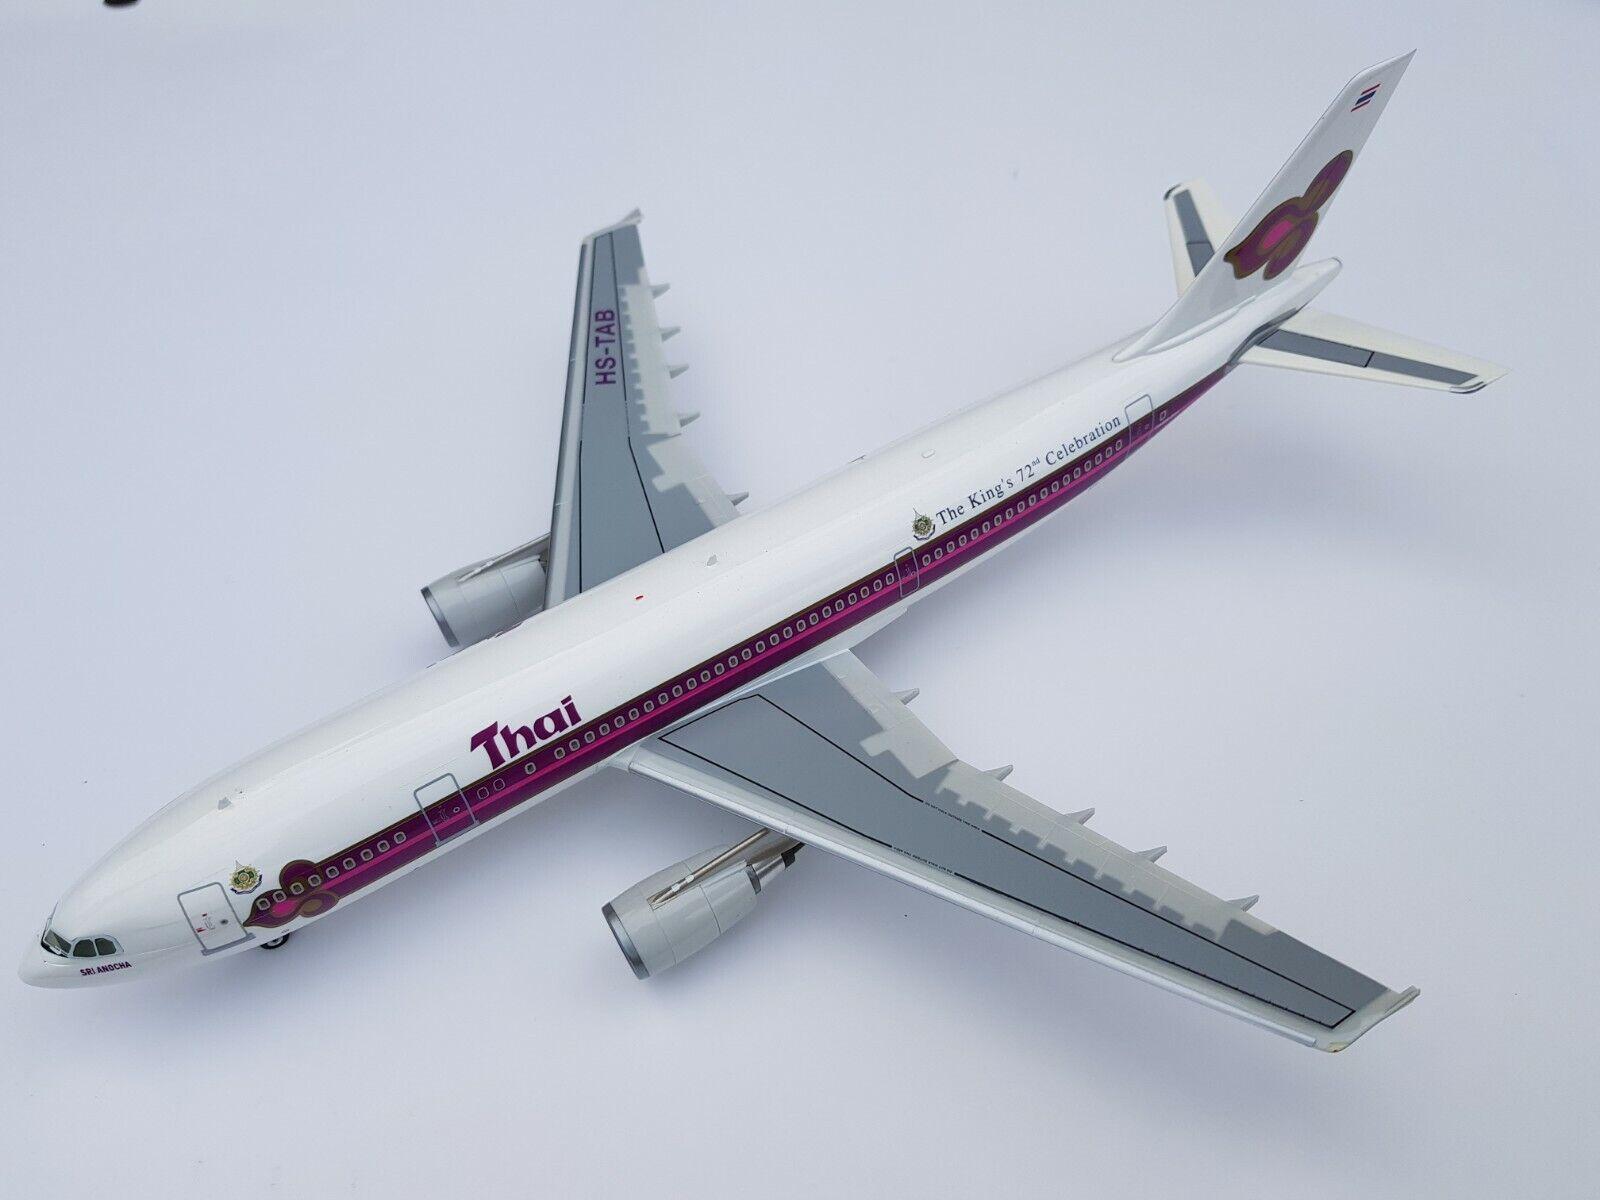 Herpa premium 1 200 thai airways airbus a300-600 Rare